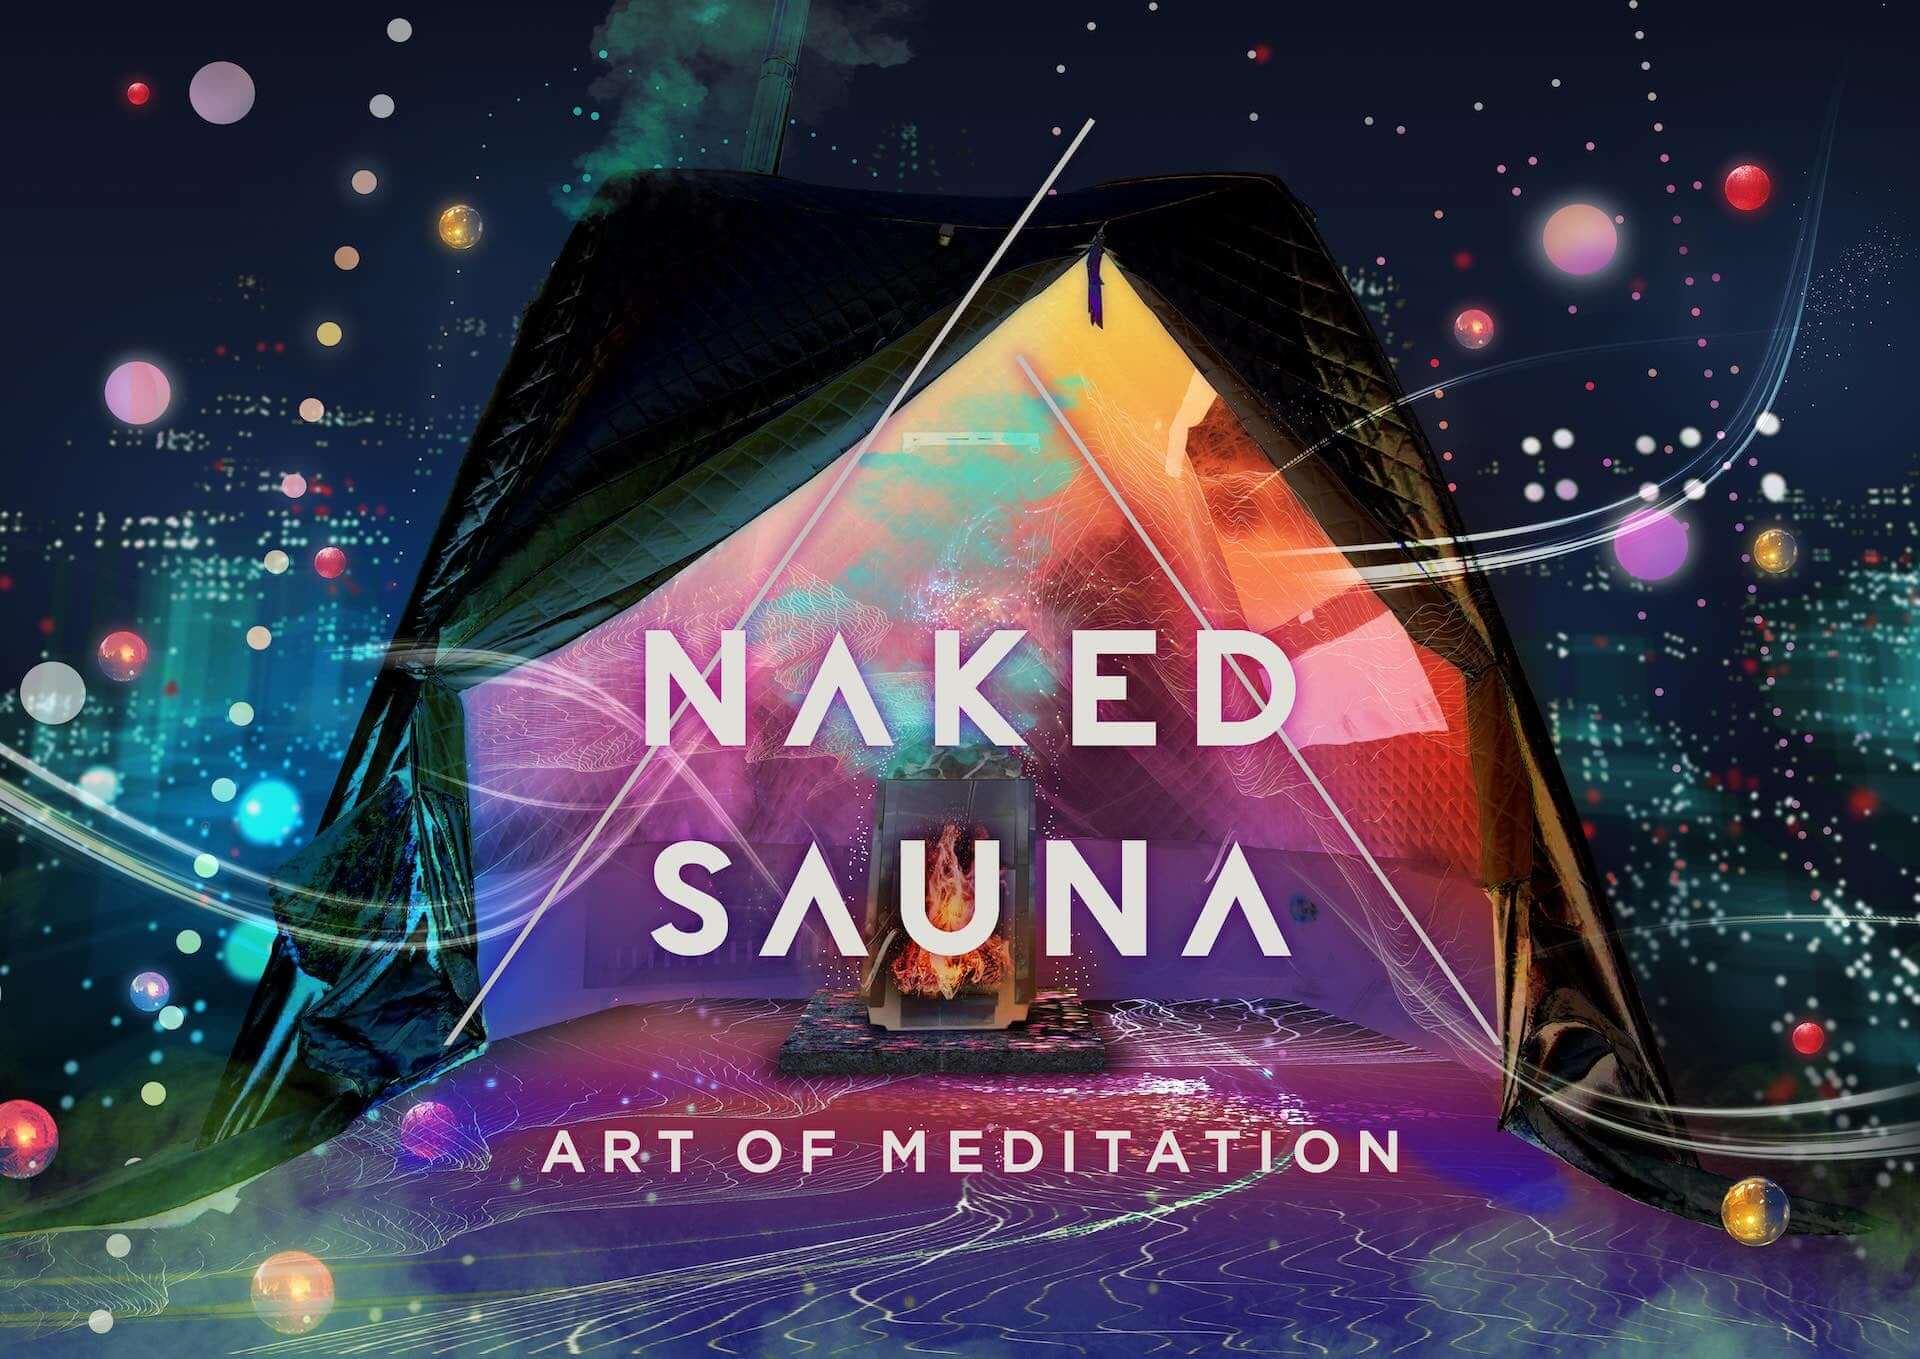 """五感で""""ととのう""""アートサウナ体験を!デートにもおすすめなテントサウナイベントが東京・有明にて開催中 lf201218_naked-sauna_5-1920x1359"""